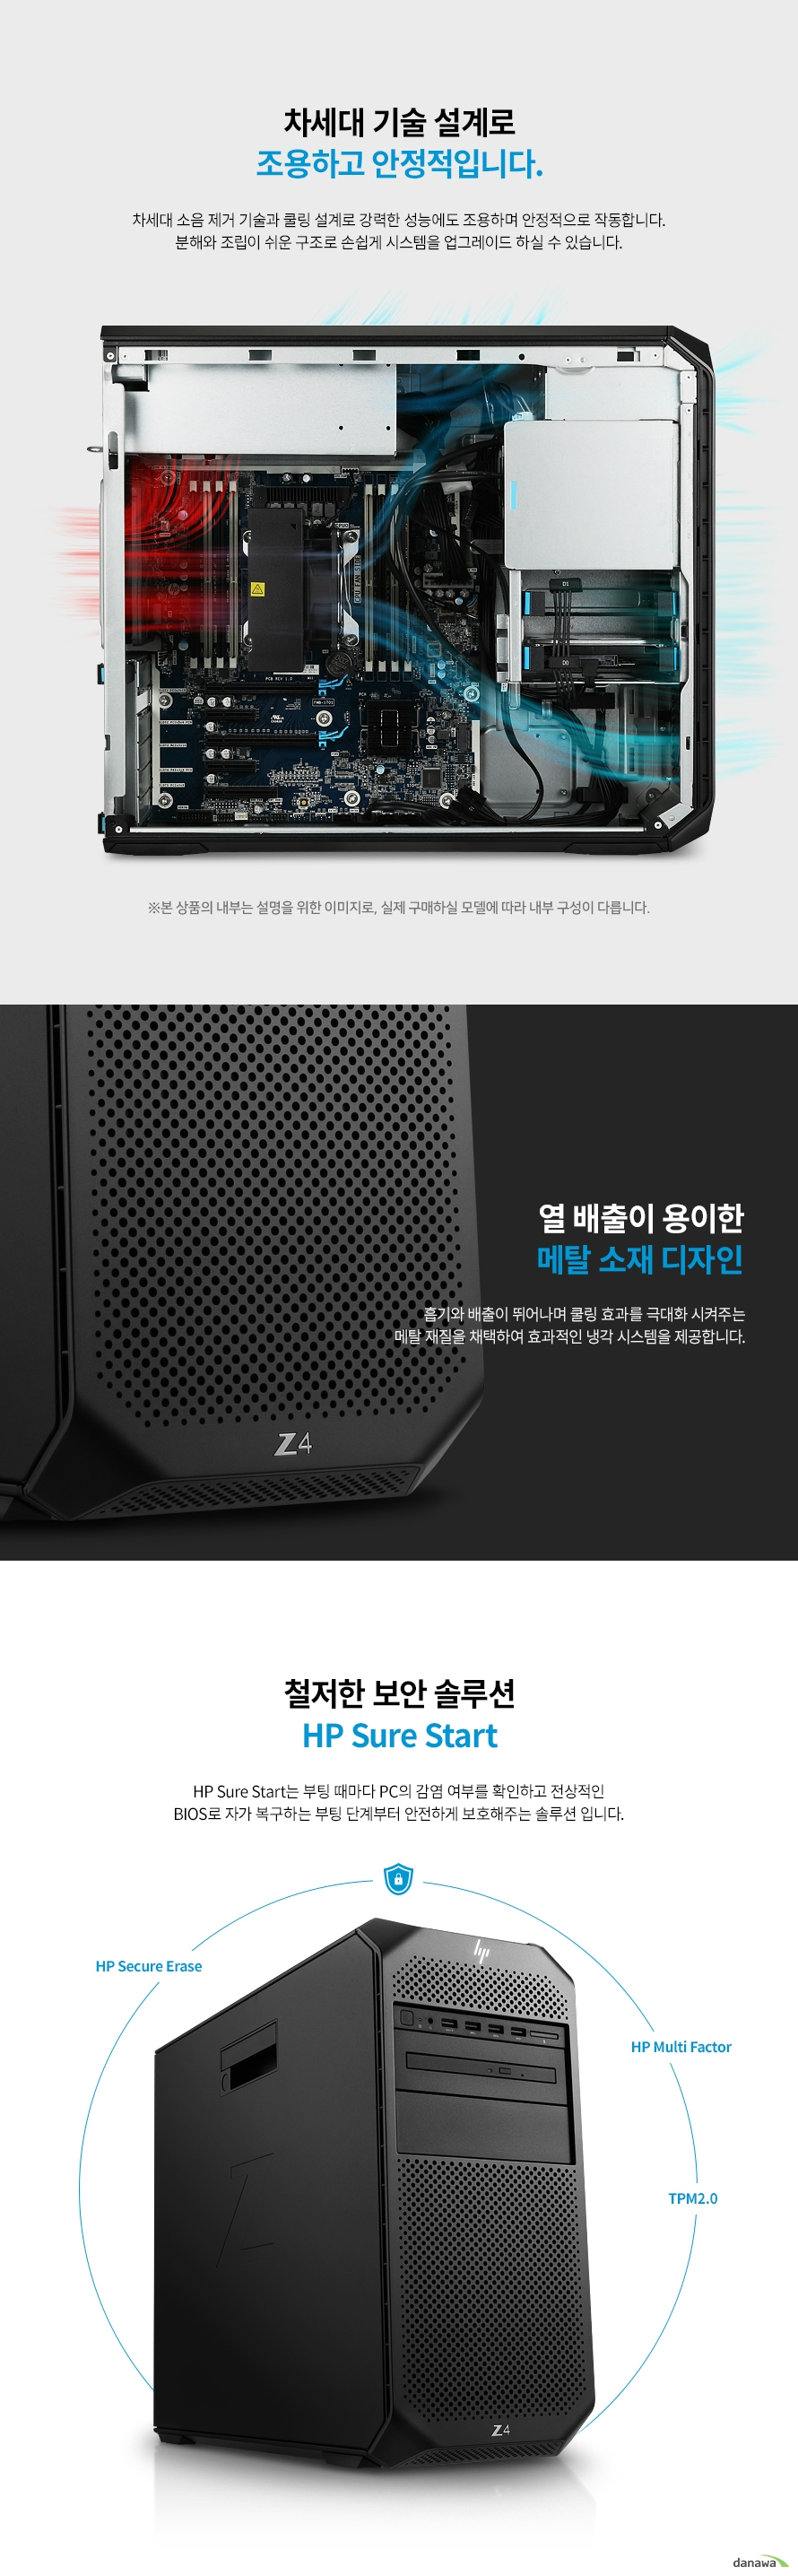 HP Z4 G4 3ME72PA (8GB, 1TB)[촬영상품]